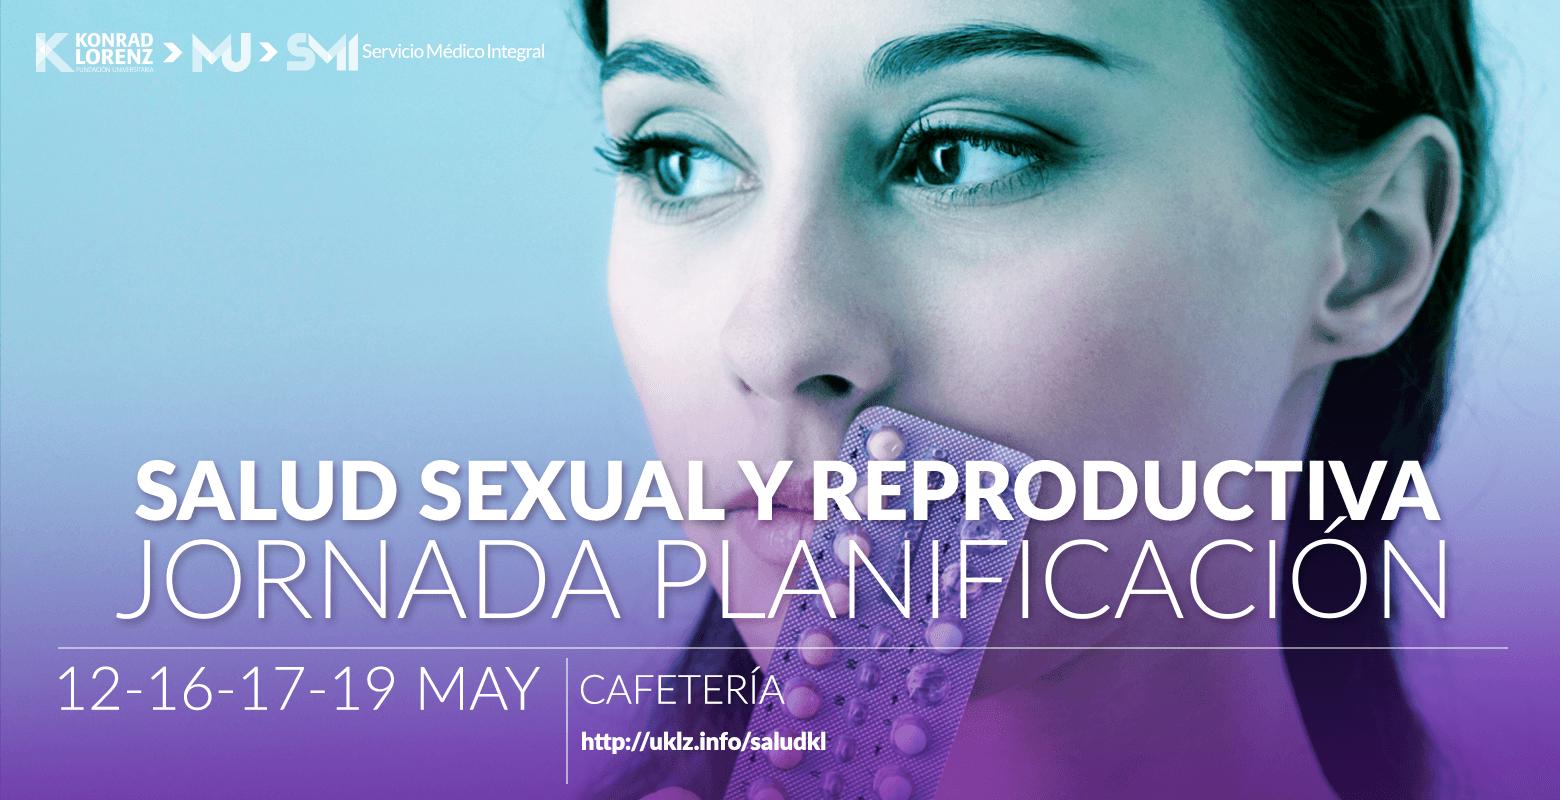 Salud Sexual y Reproductiva Jornada Planificación